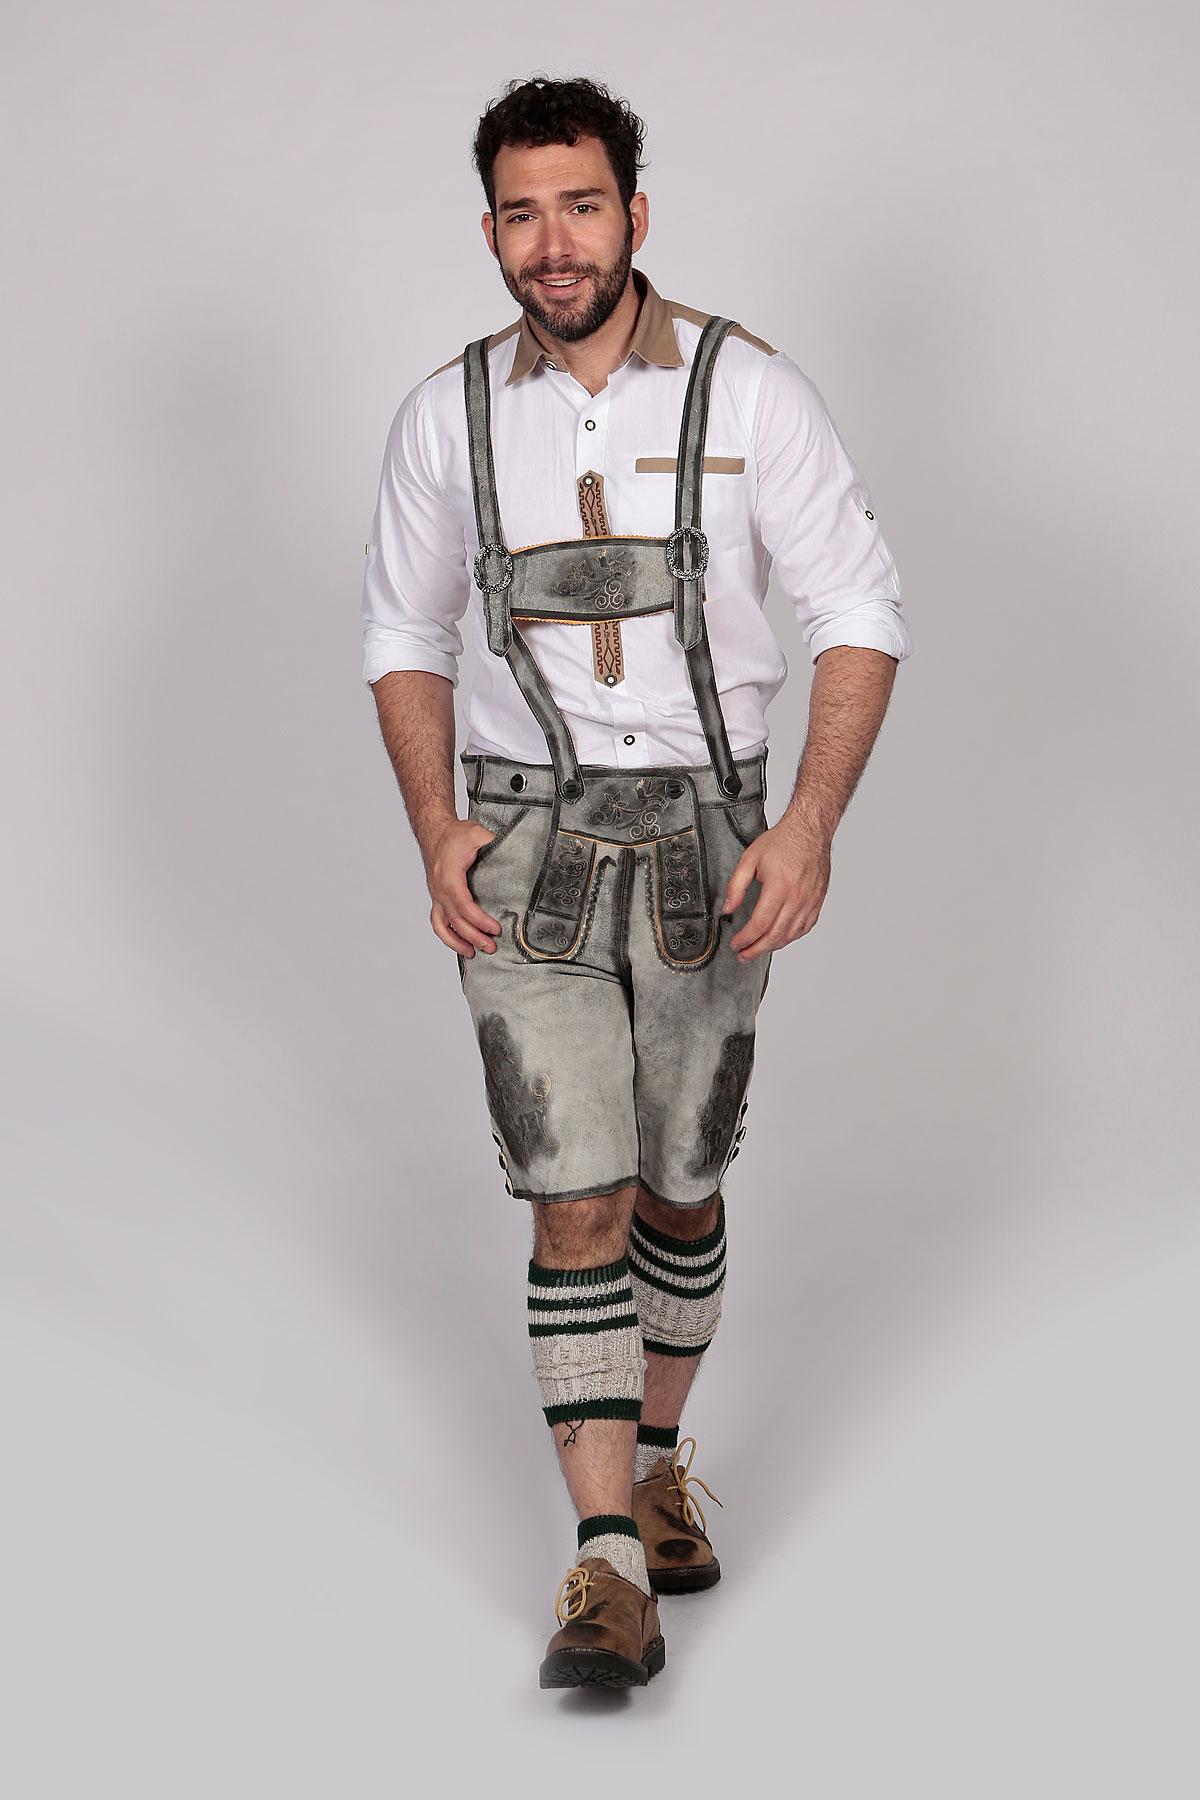 men's lederhosen oktoberfest costume online